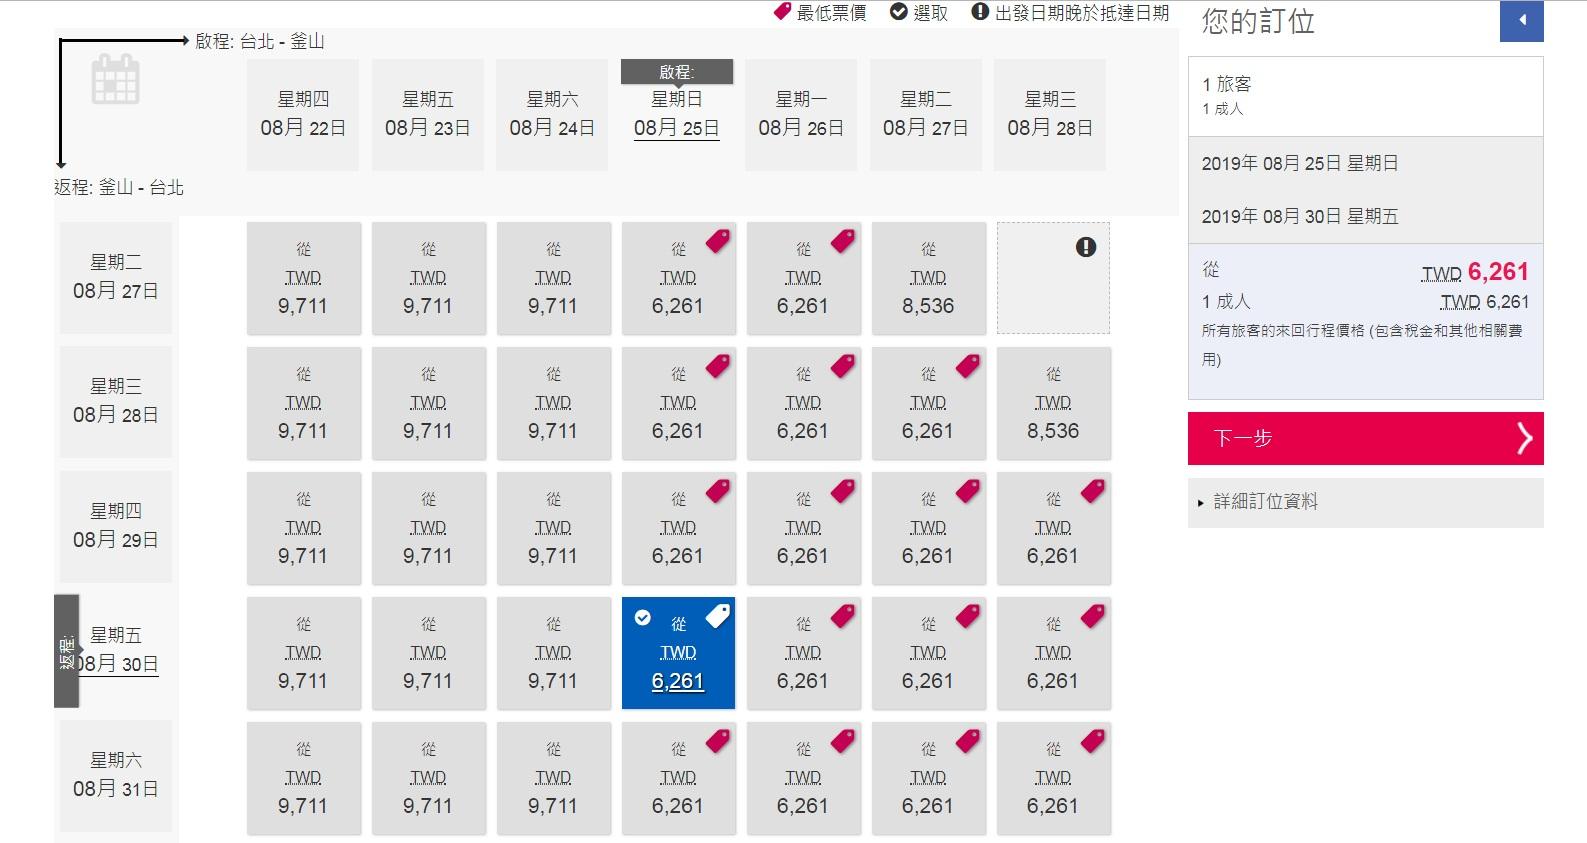 華航繼續瘋狂,輸入折扣碼全部特價,連正暑假都有6~8K的日韓票價(107.1.4)